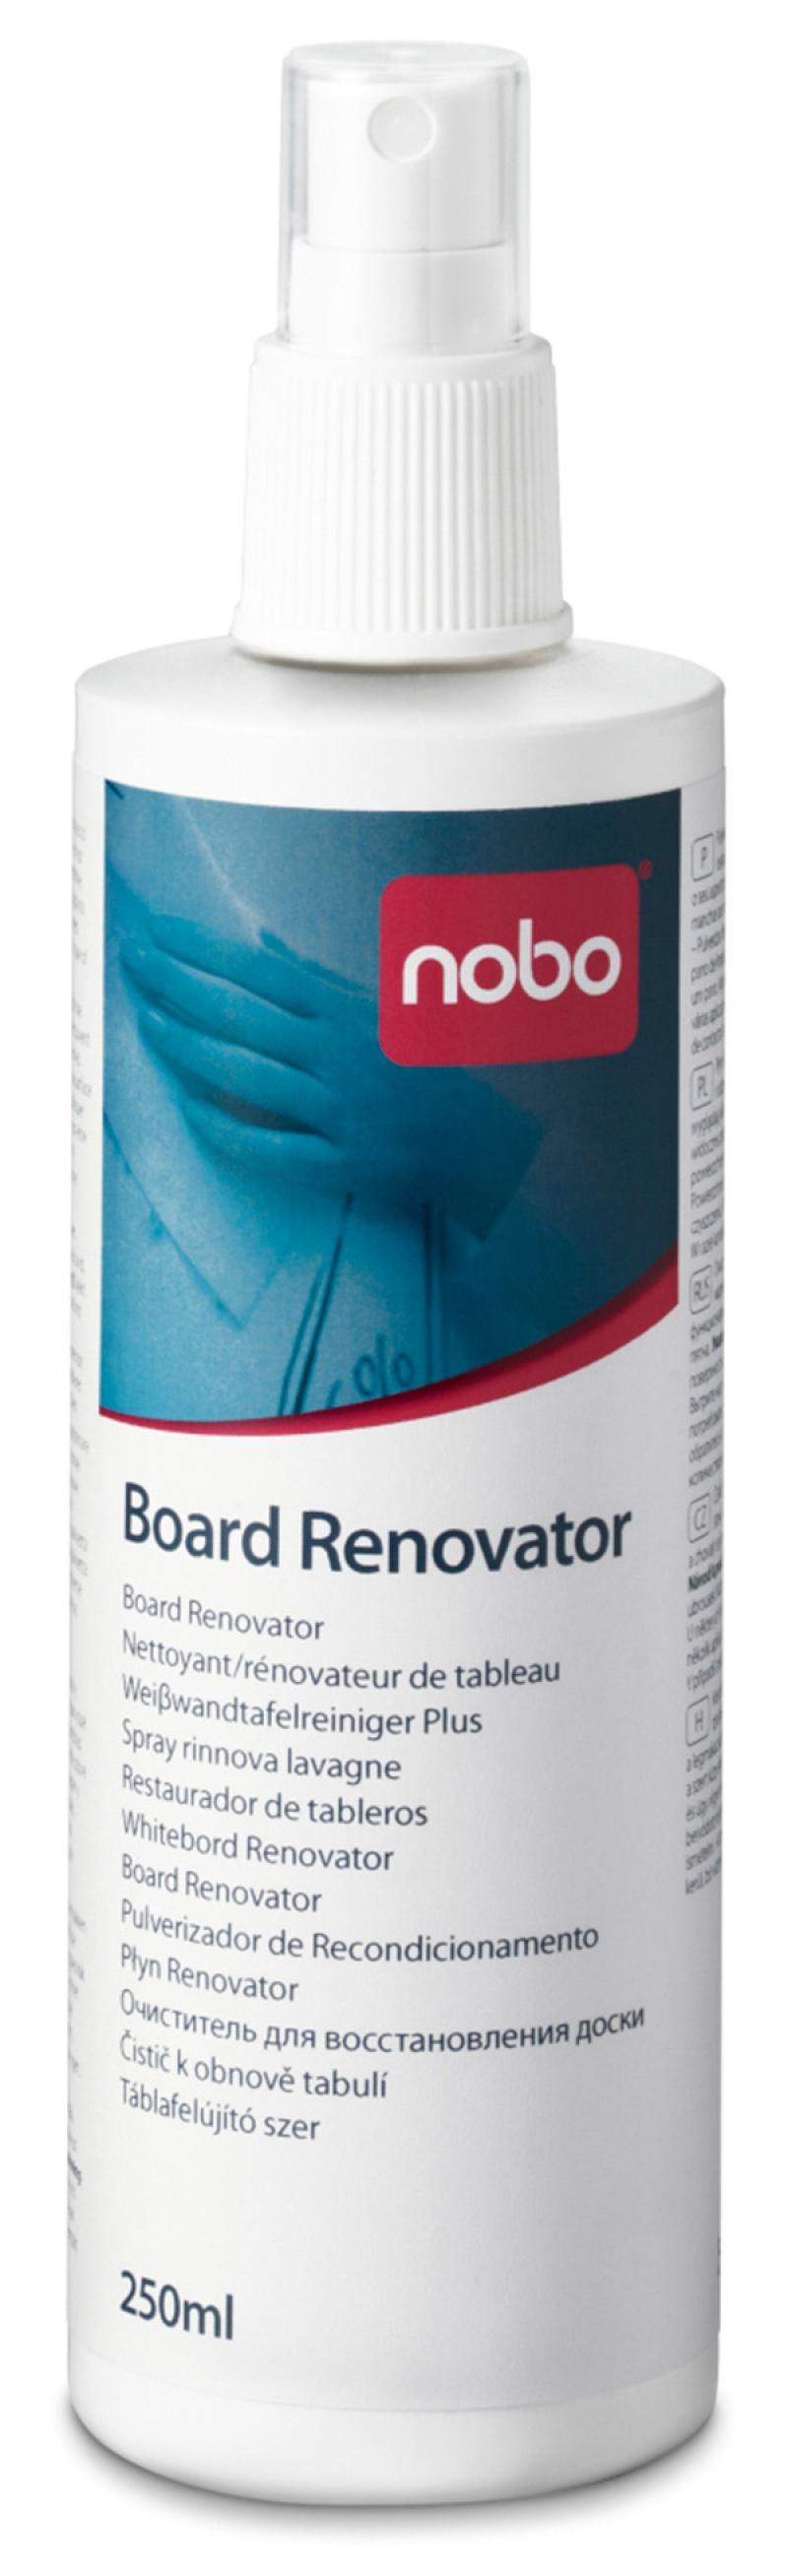 Płyn do renowacji tablic suchościeralnych NOBO, 250ml, Bloki, magnesy, gąbki, spraye do tablic, Prezentacja